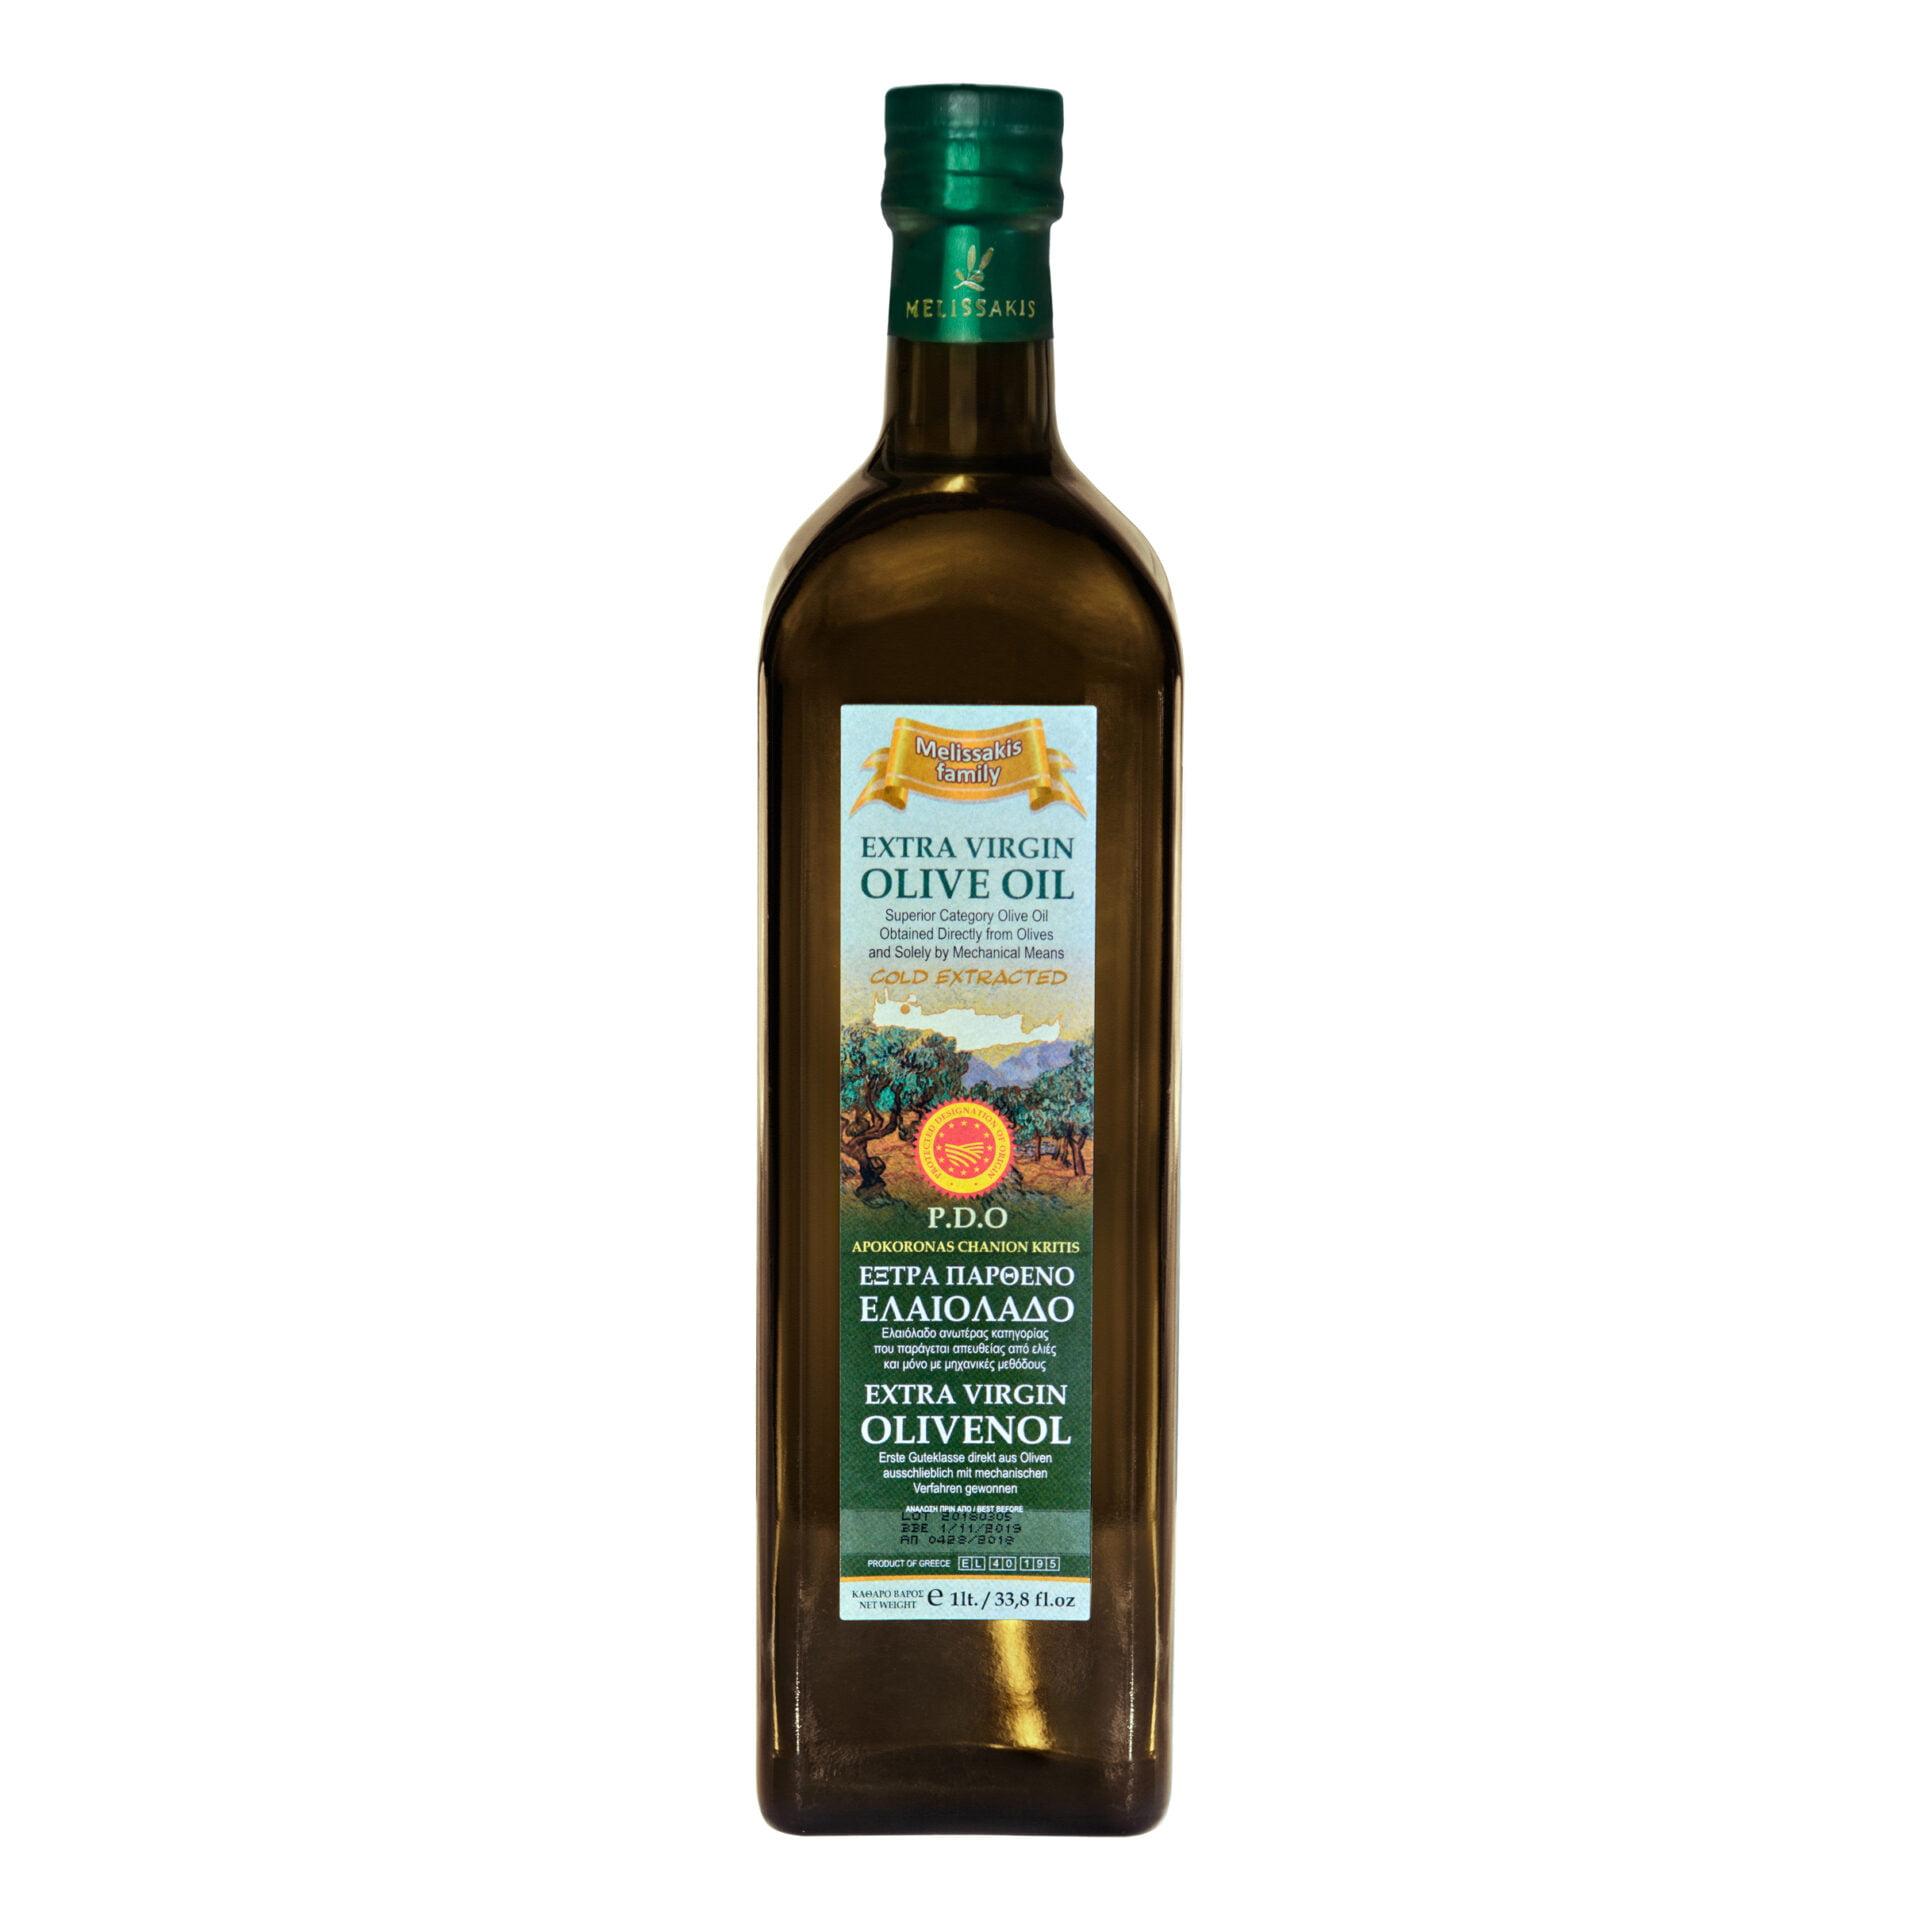 Melissakis oliwa z oliwek extra vergin 1L